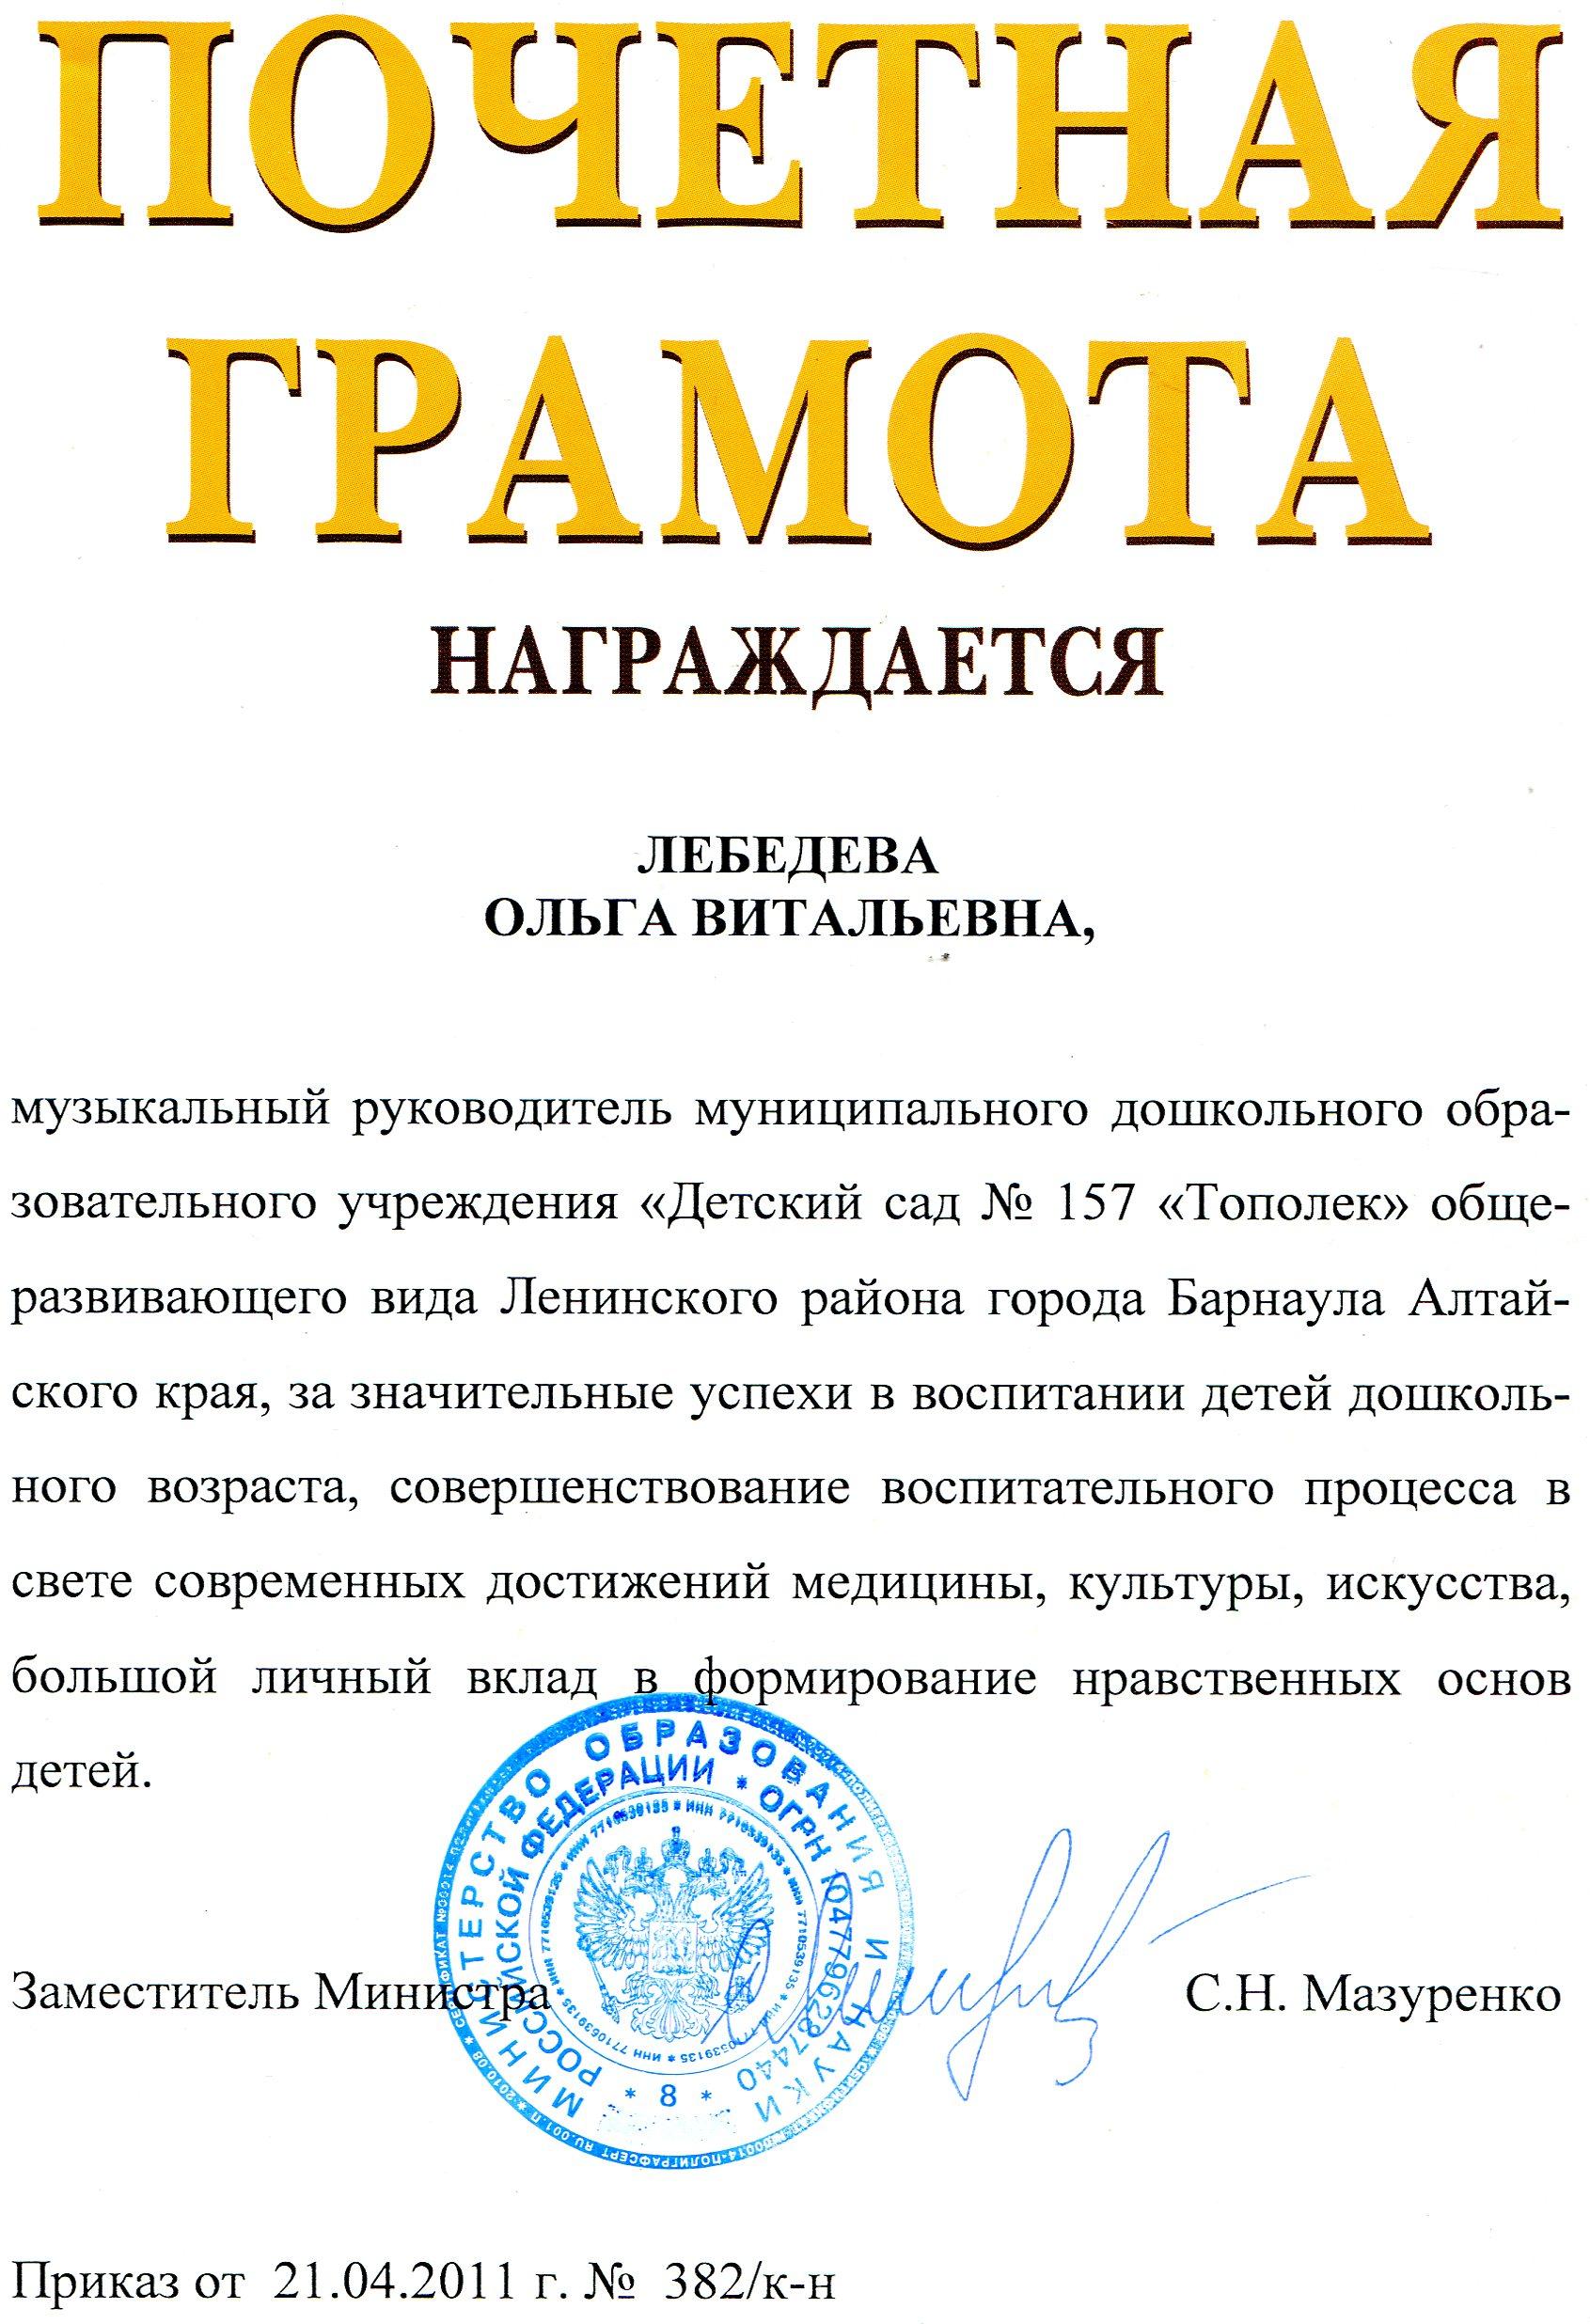 Почетная-грамота-Министерства-образования-РФ-2011г